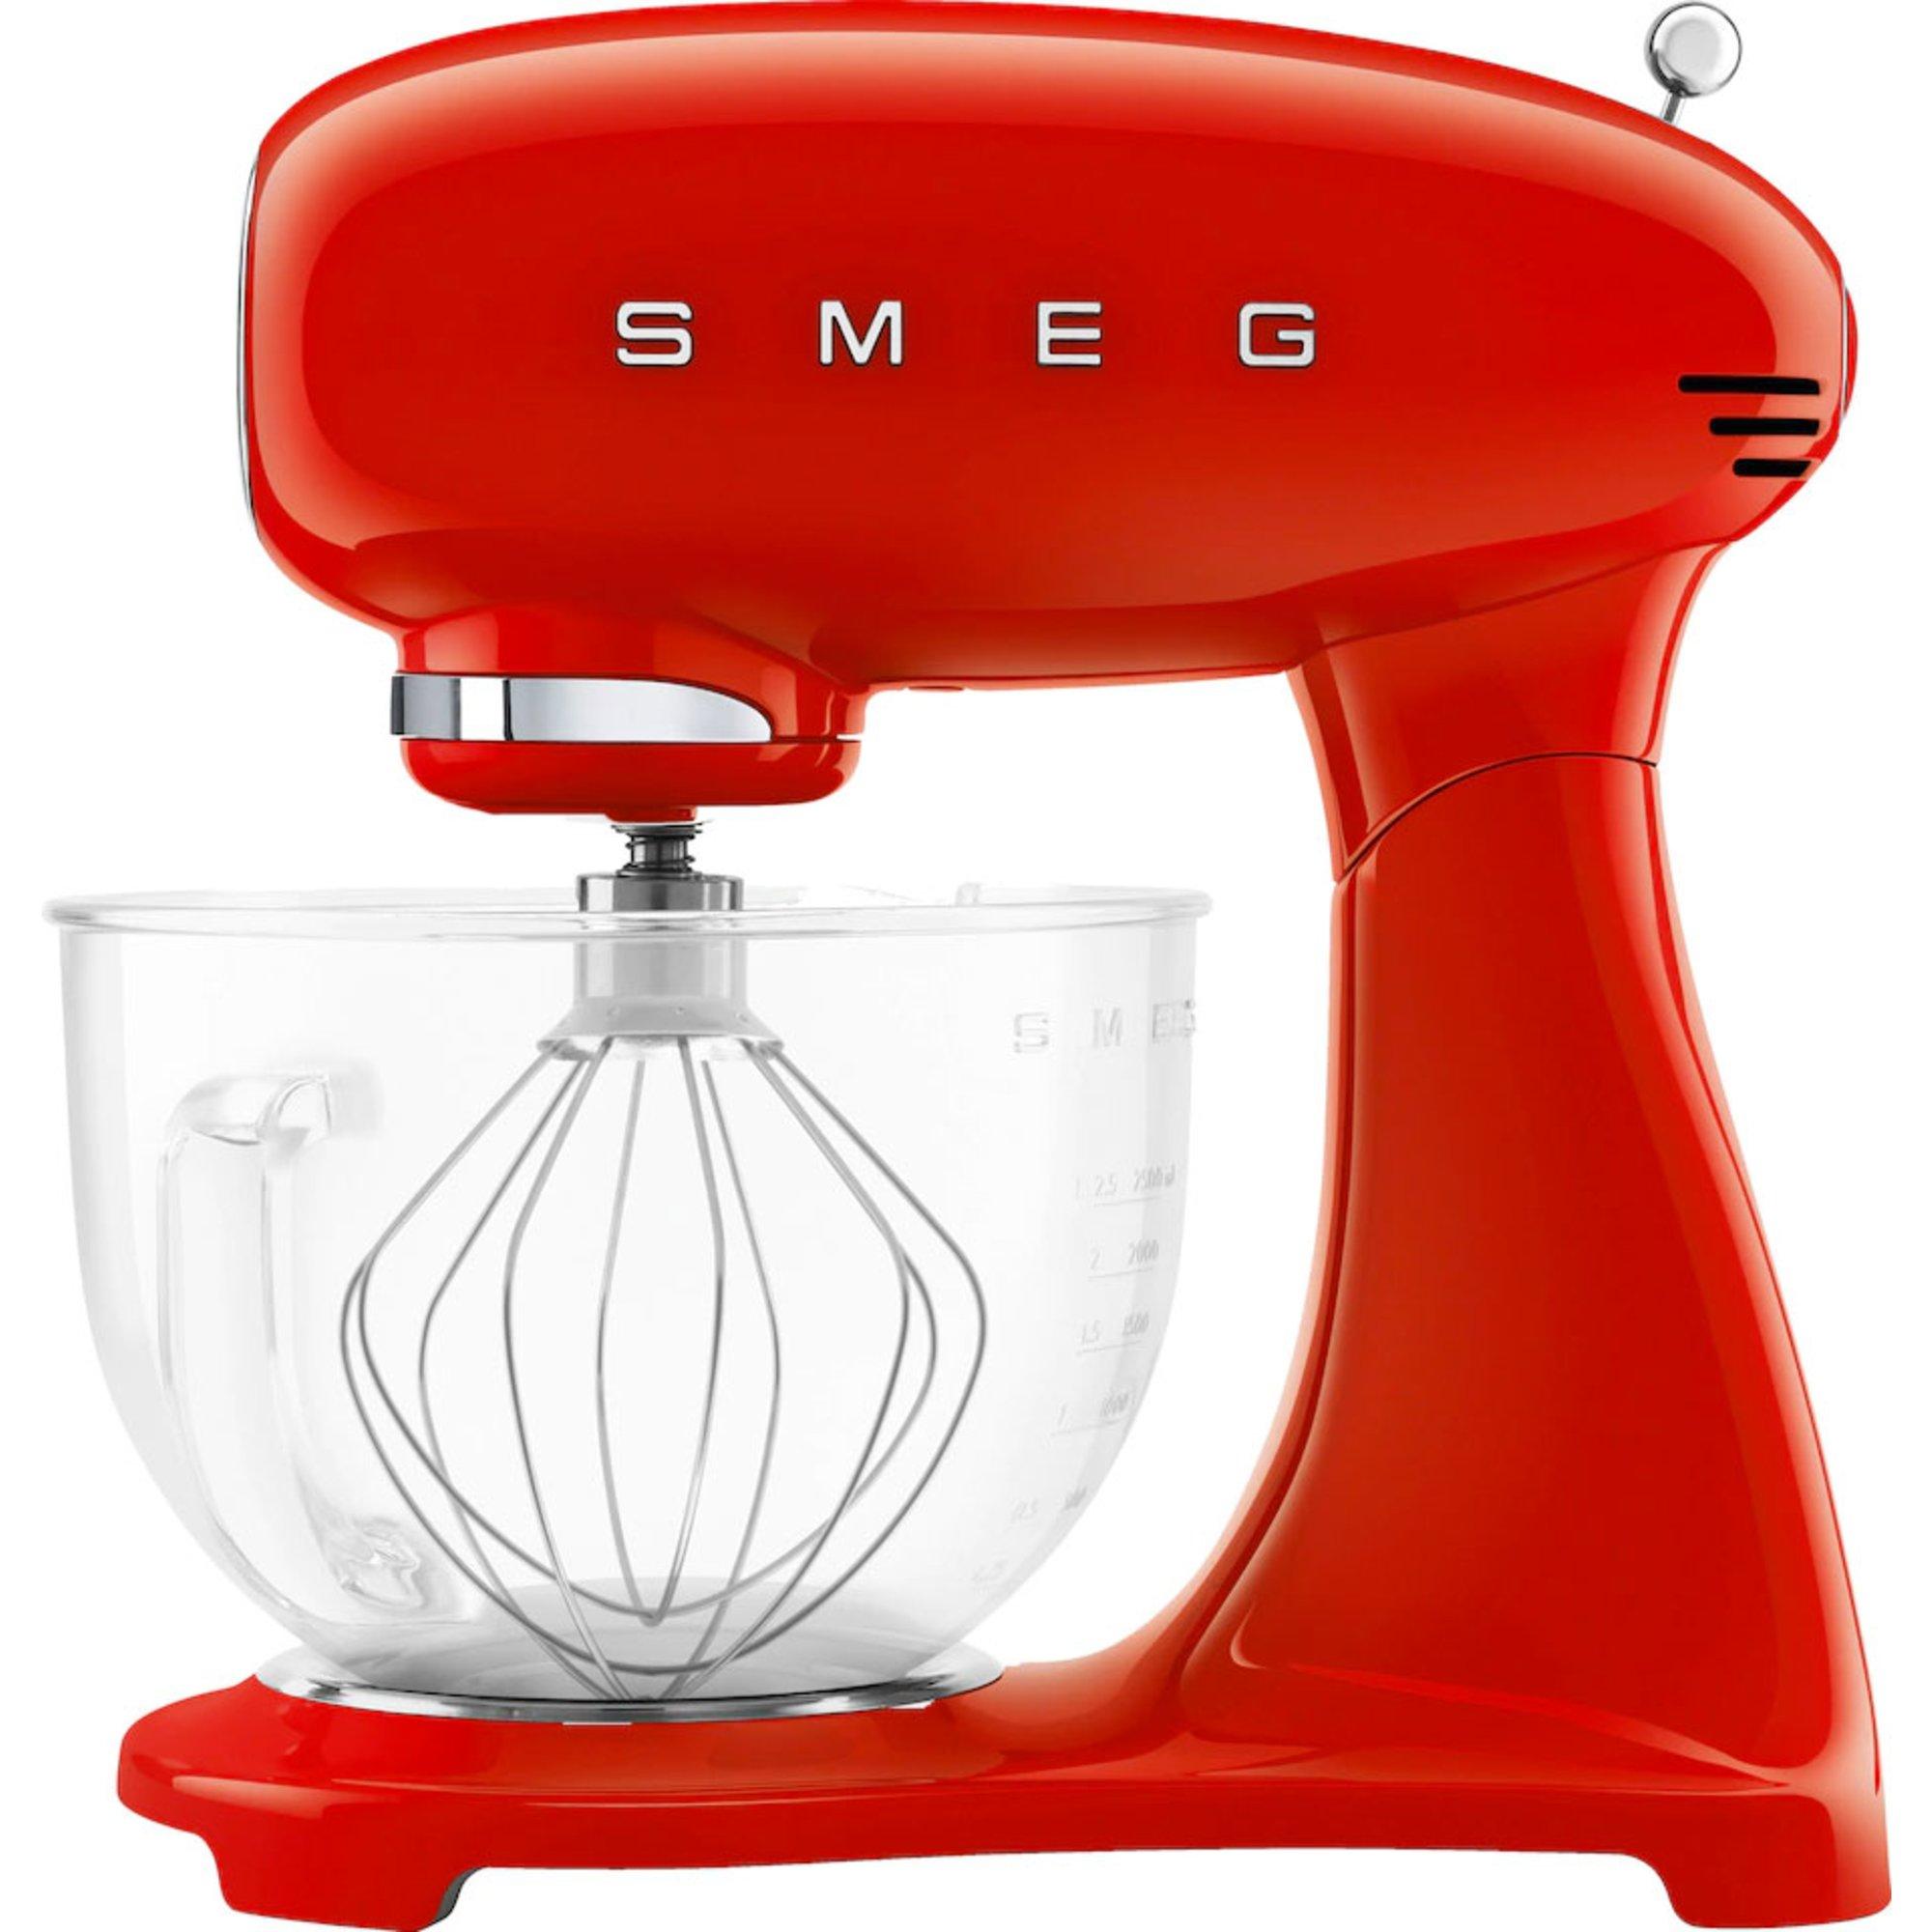 Smeg Köksassistent 48 liter röd m/glasskål